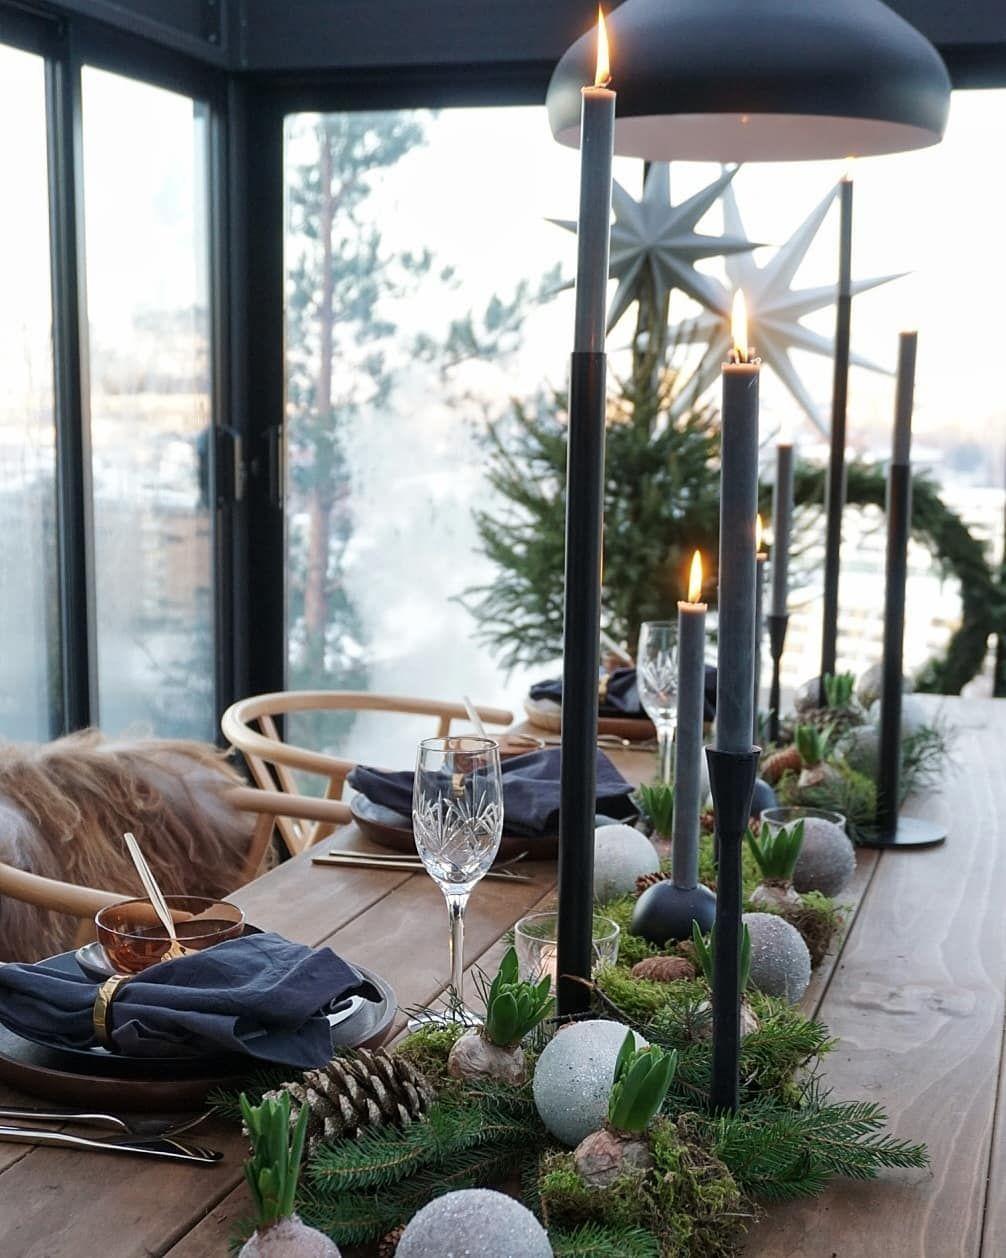 """Hanne & Rune on Instagram: """"Vår nyttårsaften blir i hagestua. . . . . #mygarden#hagestue #uterom_inspo#dittuterom#uteplass#gardendesign#hageinspirasjon…"""" #borddekkingnyttårsaften"""